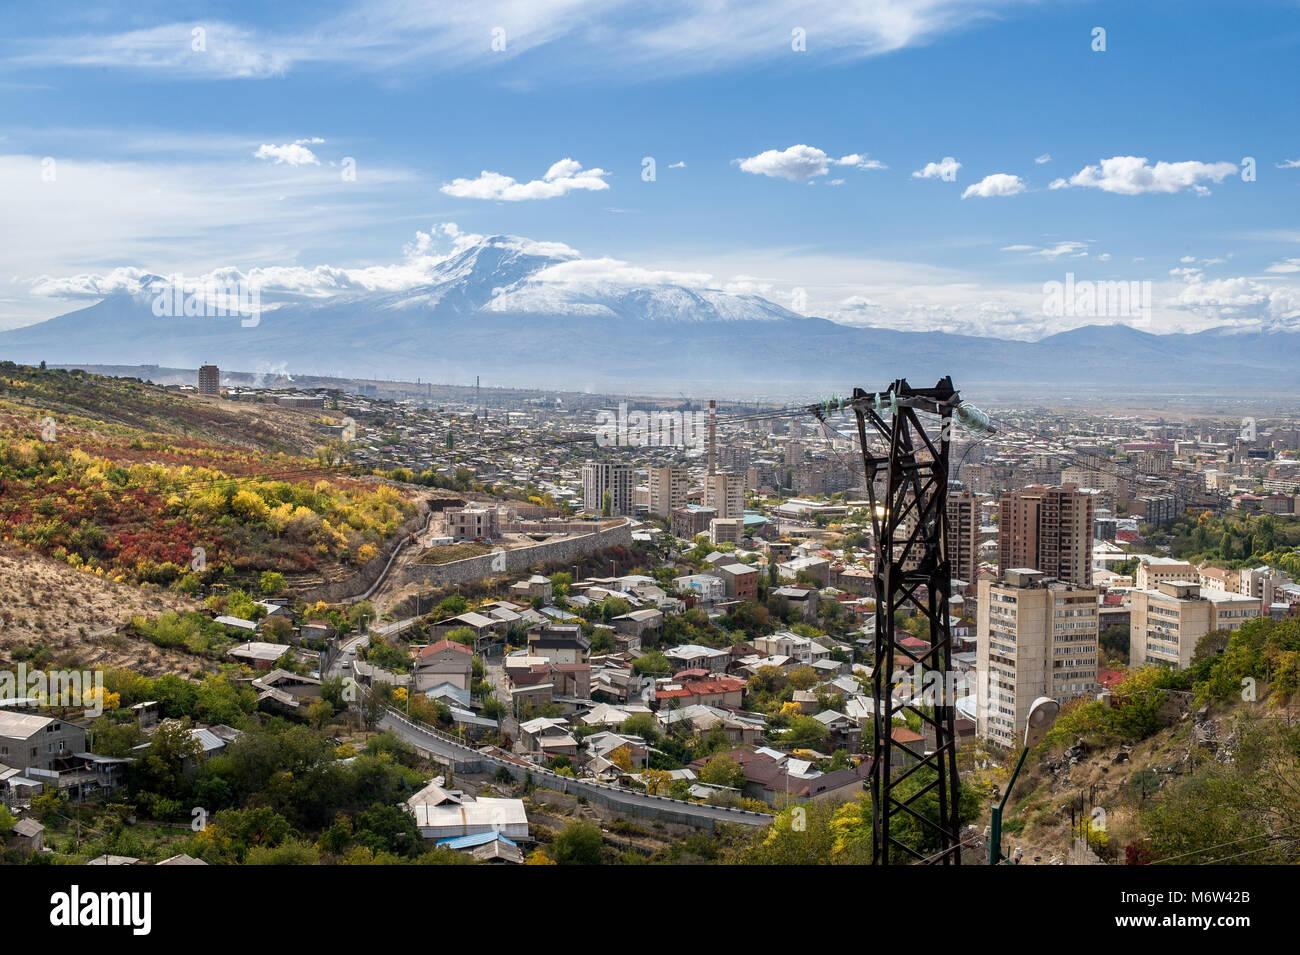 Eriwan Ist Die Hauptstadt Und Grosste Stadt Von Armenien Und Eine Der Altesten Ununterbrochen Bewohnten Stadte Der Welt Entlang Des Flusses Hrazdan Stockfotografie Alamy